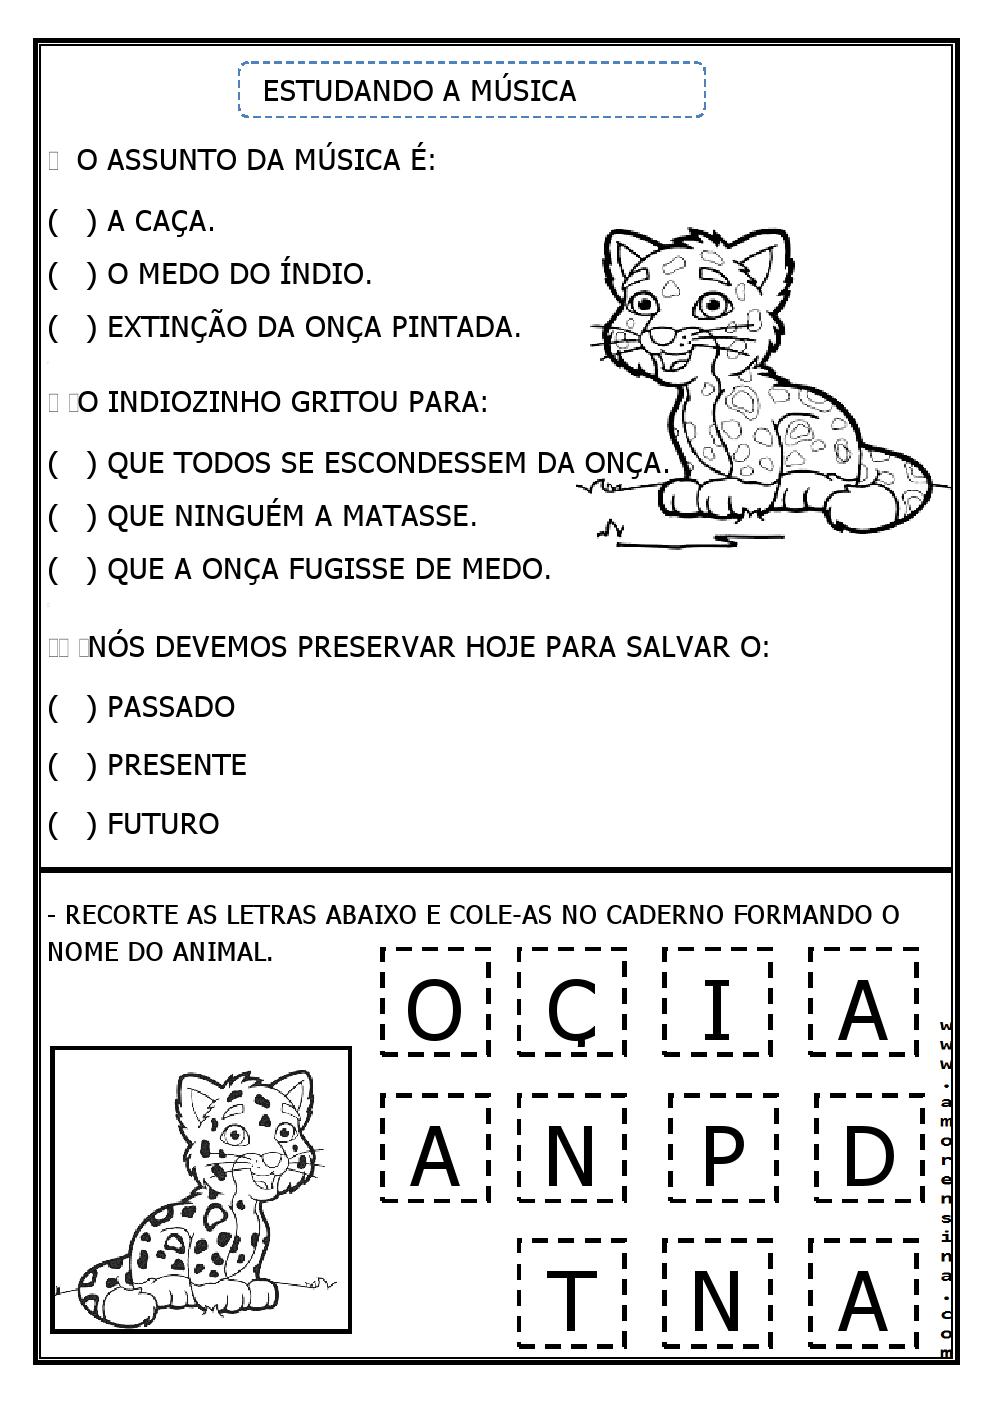 Excepcional ÍNDIO E CONSCIÊNCIA AMBIENTAL - EDUCAÇÃO INFANTIL E 1º ANO  MJ37